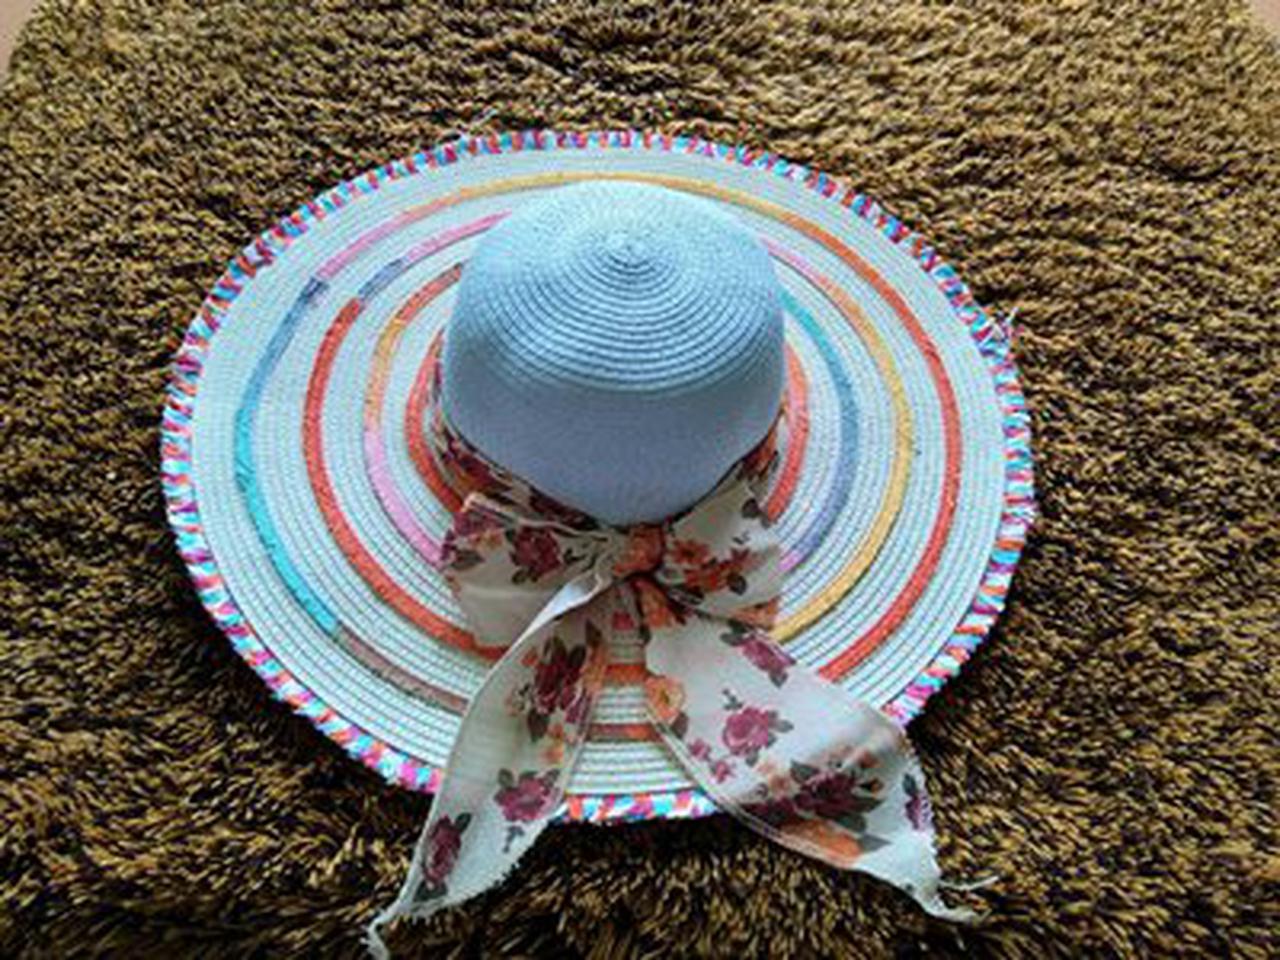 หมวกแฟชั่น หมวกไปทะเล หมวกปานามา สวยๆราคาถูกๆ รูปที่ 2